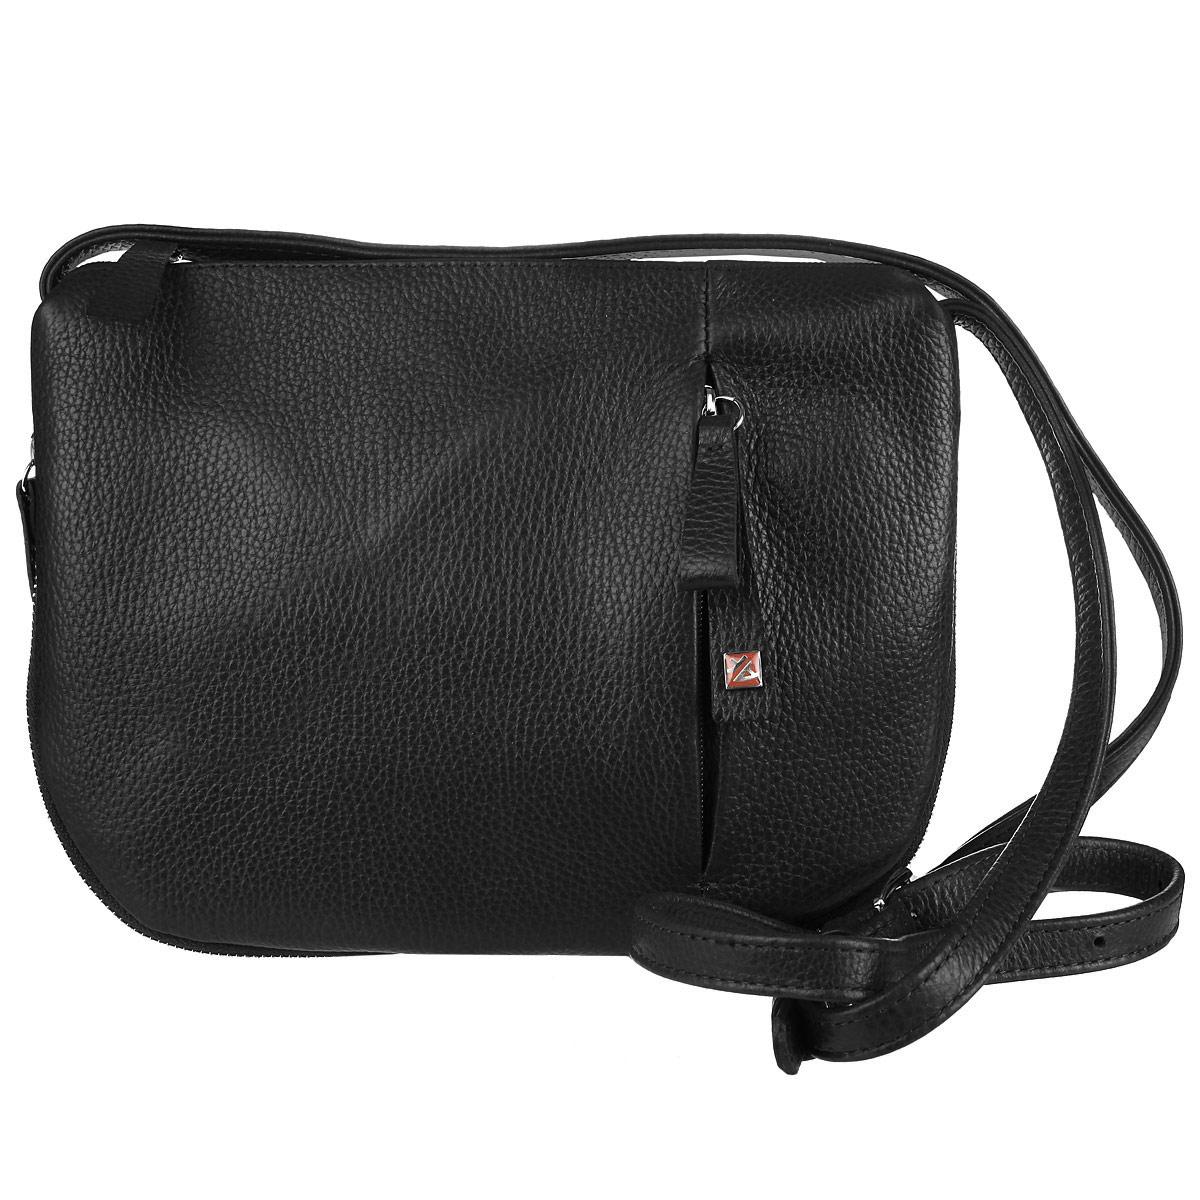 Сумка женская Afina, цвет: темно-коричневый. 182182Изысканная женская сумка Афина выполнена из качественной натуральной кожи. Сумка закрывается на пластиковую застежку-молнию. Внутри одно отделение и три кармана, один из которых на молнии. На задней стенке - втачной карман, на передней стороне сумки также вшит карман на молнии вертикально. В комплекте съемный плечевой ремень регулируемой длины и брелок из кожи. Декоративная металлическая молния по краю сумки позволяет регулировать вместительность и объем сумки. Роскошная сумка внесет элегантные нотки в ваш образ и подчеркнет ваше отменное чувство стиля.